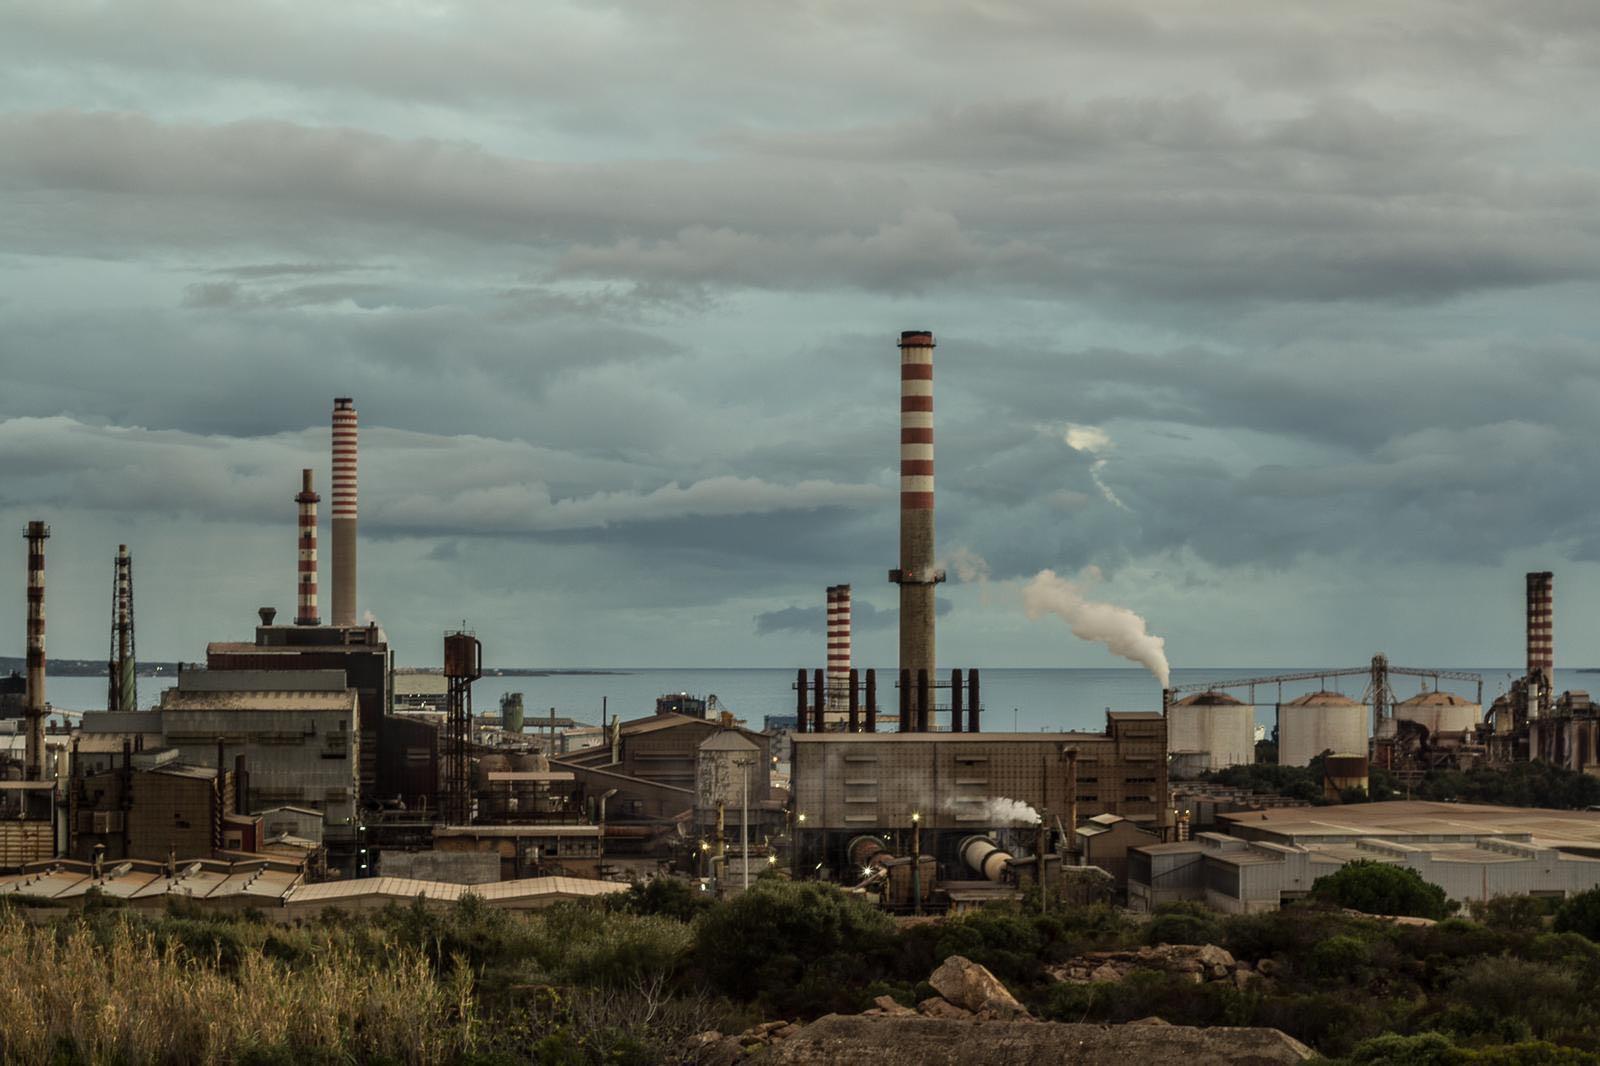 Polo industriale di Portovesme, frazione di Portoscuso, nella provincia del Sud Sardegna